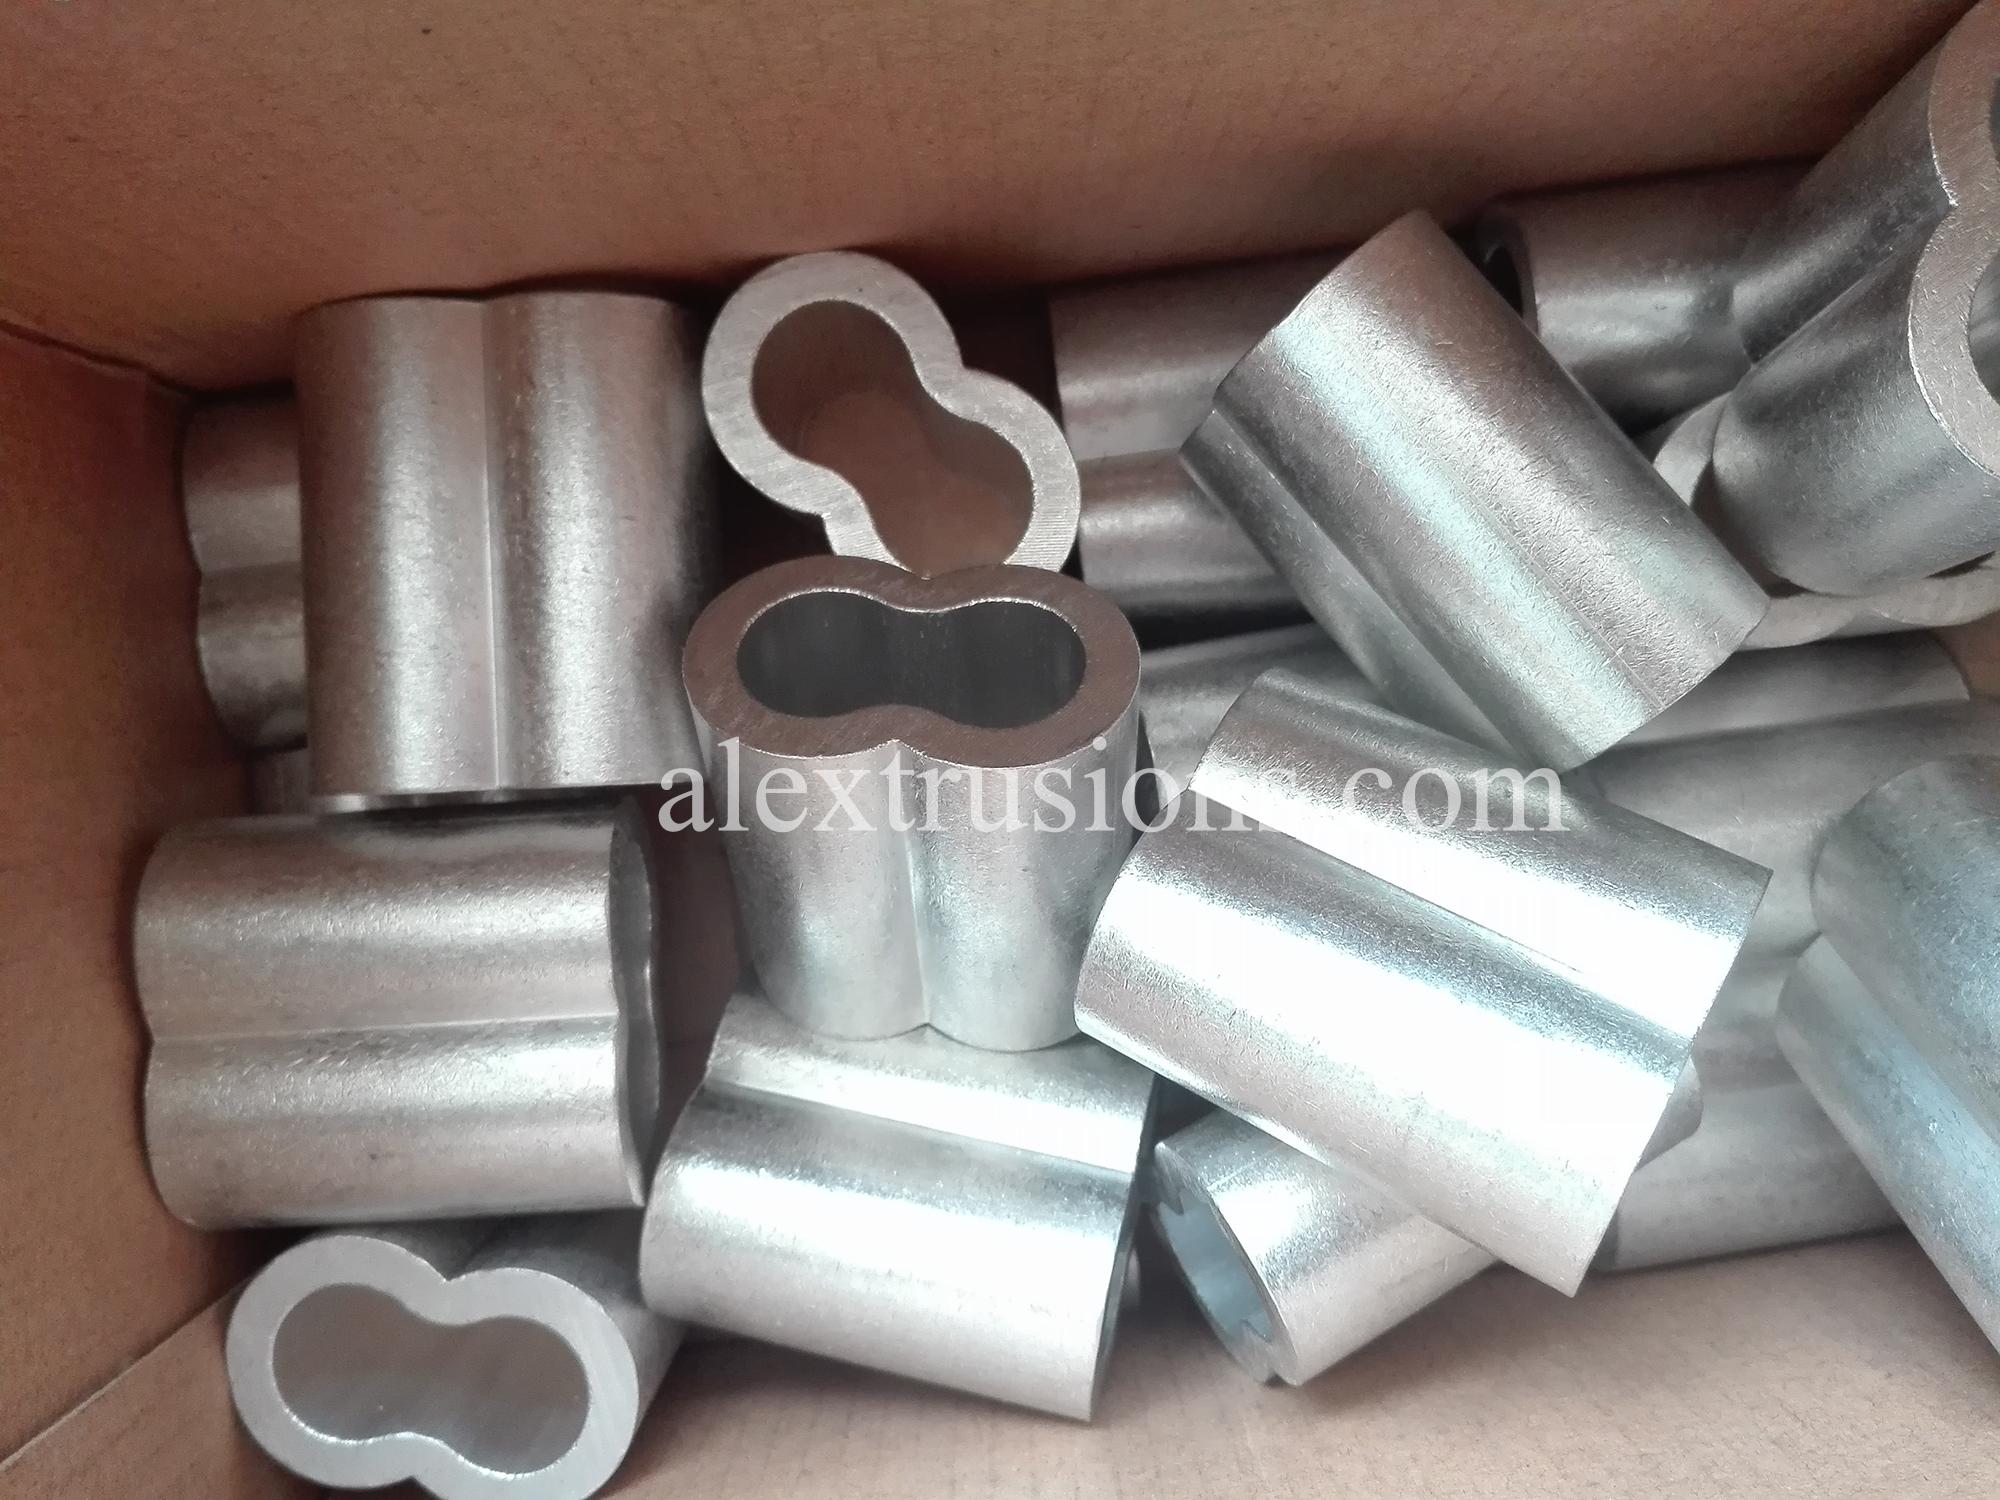 Aluminium Zandloper crimp Mouwen adereindhulzen Voor Rigging